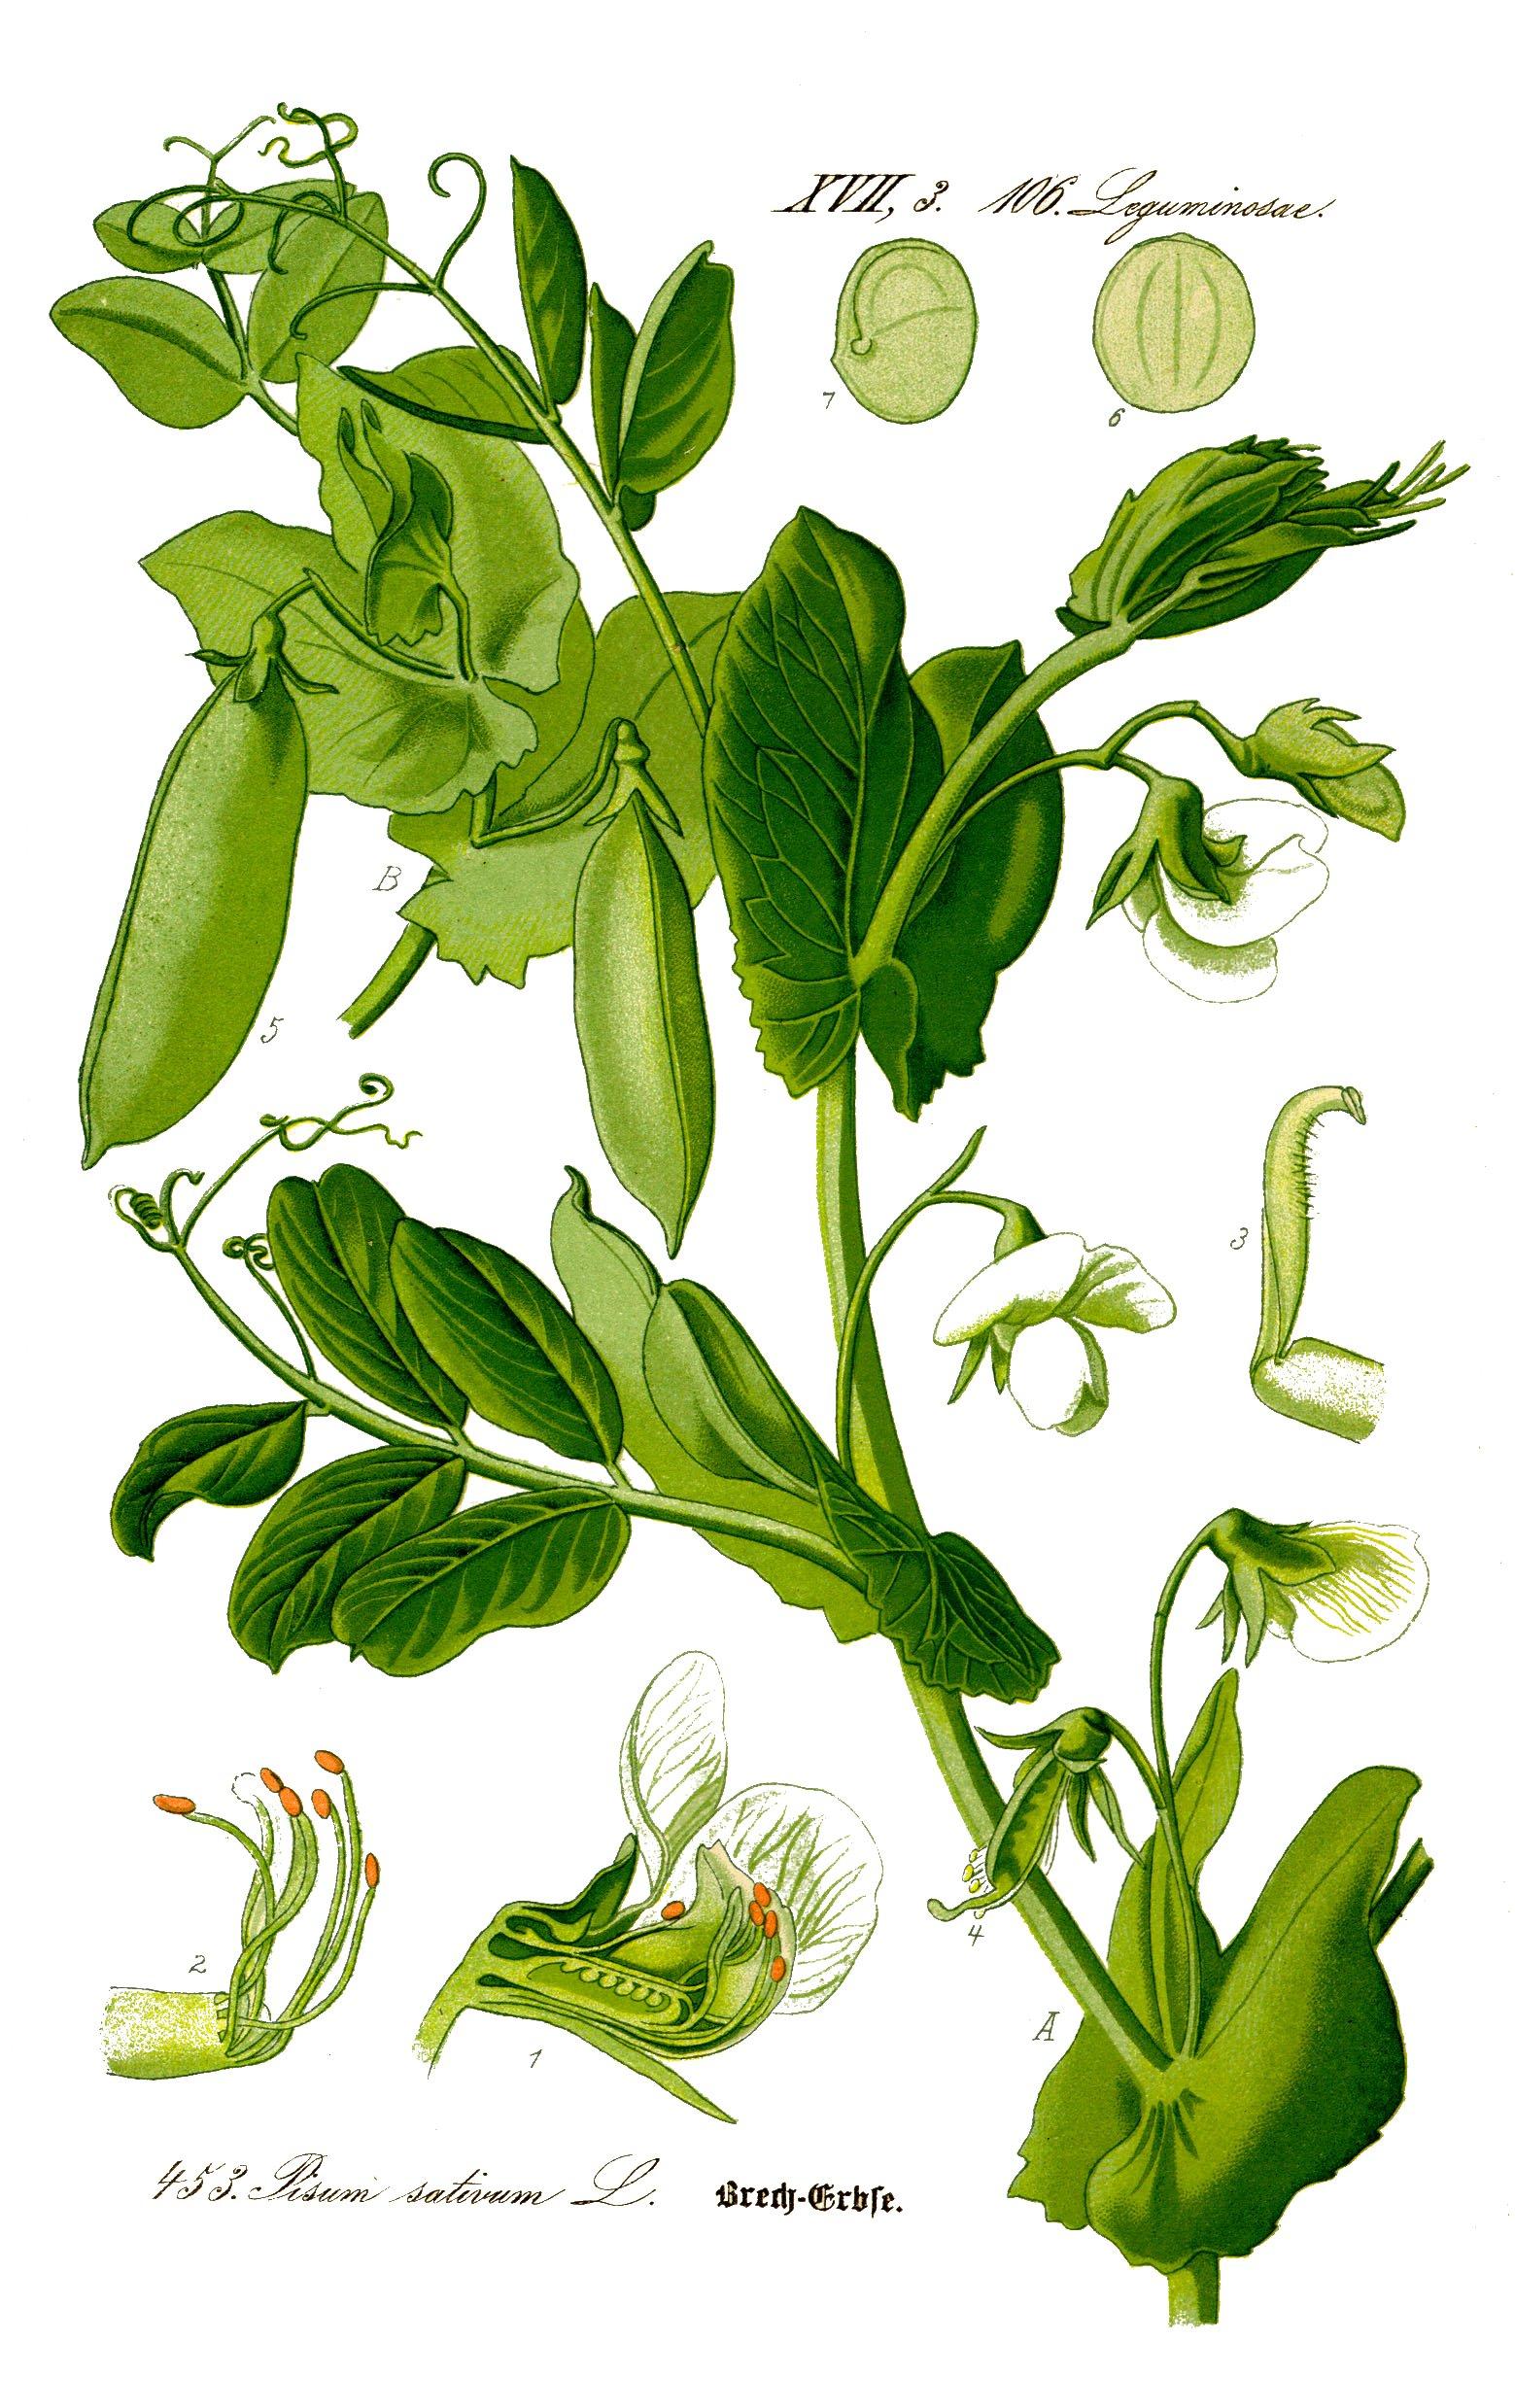 Depiction of Pisum sativum